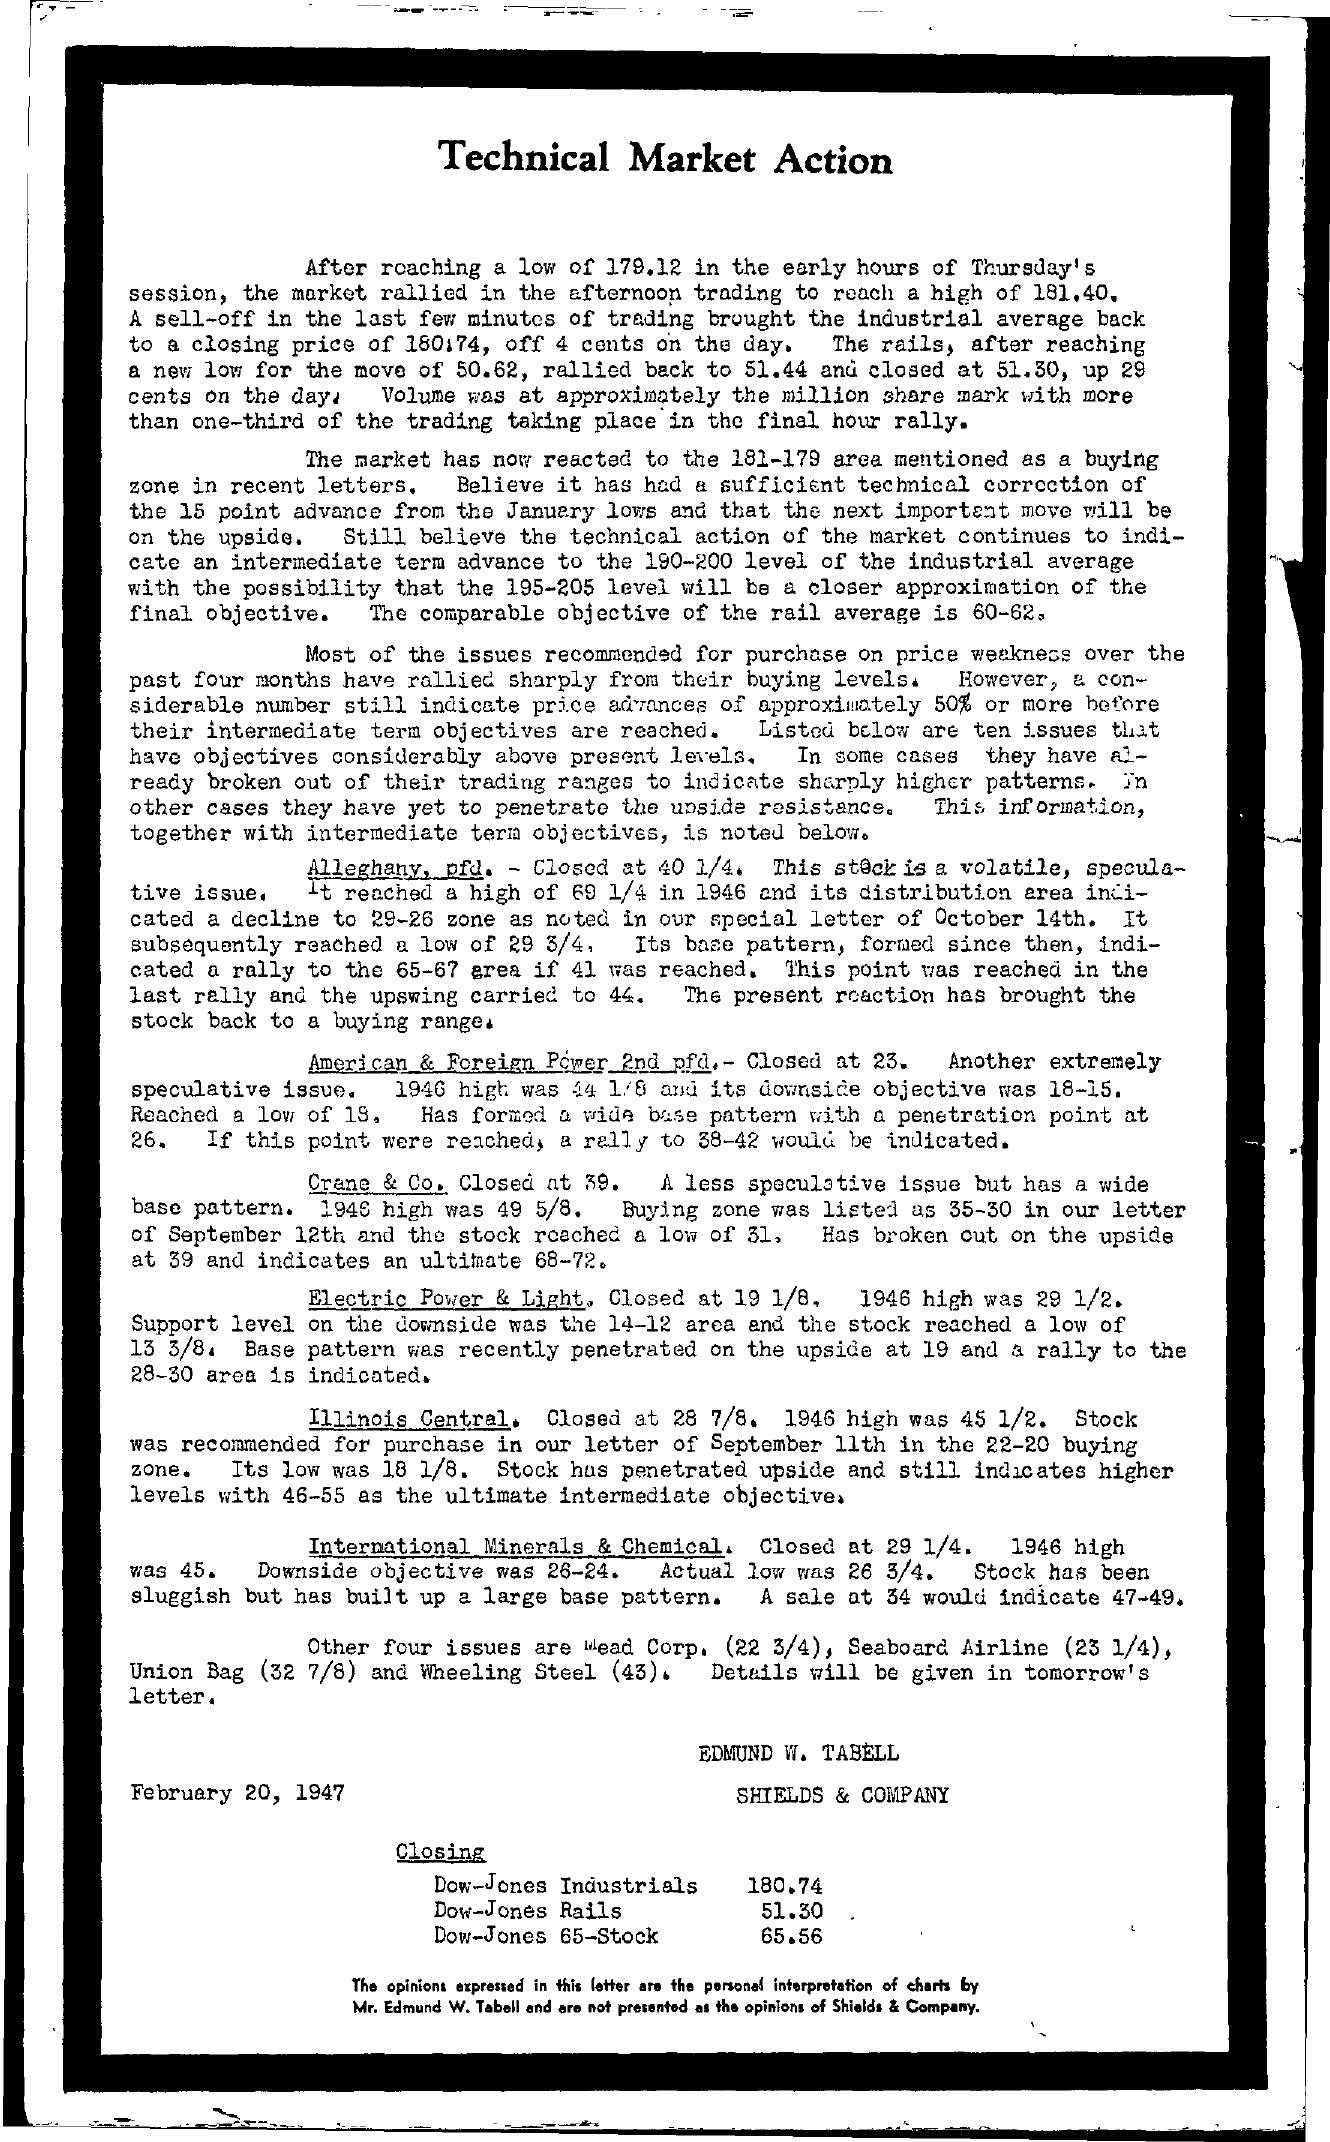 Tabell's Market Letter - February 20, 1947